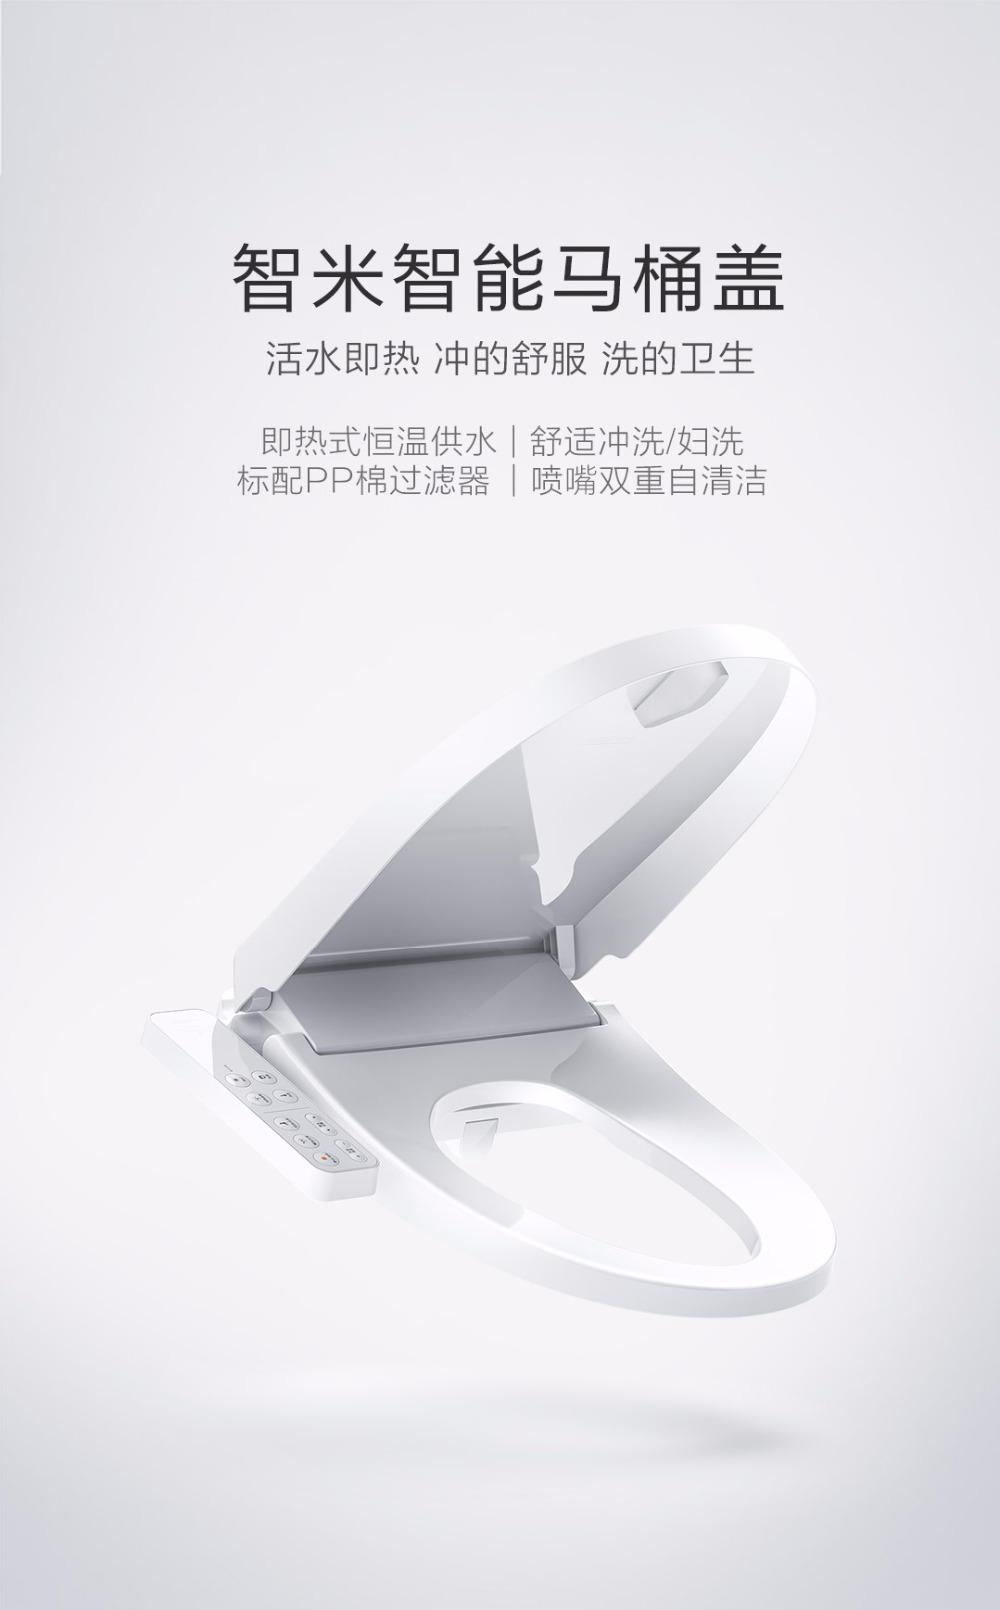 Xiaomi Smartmi Smart Toilet Seat introducción